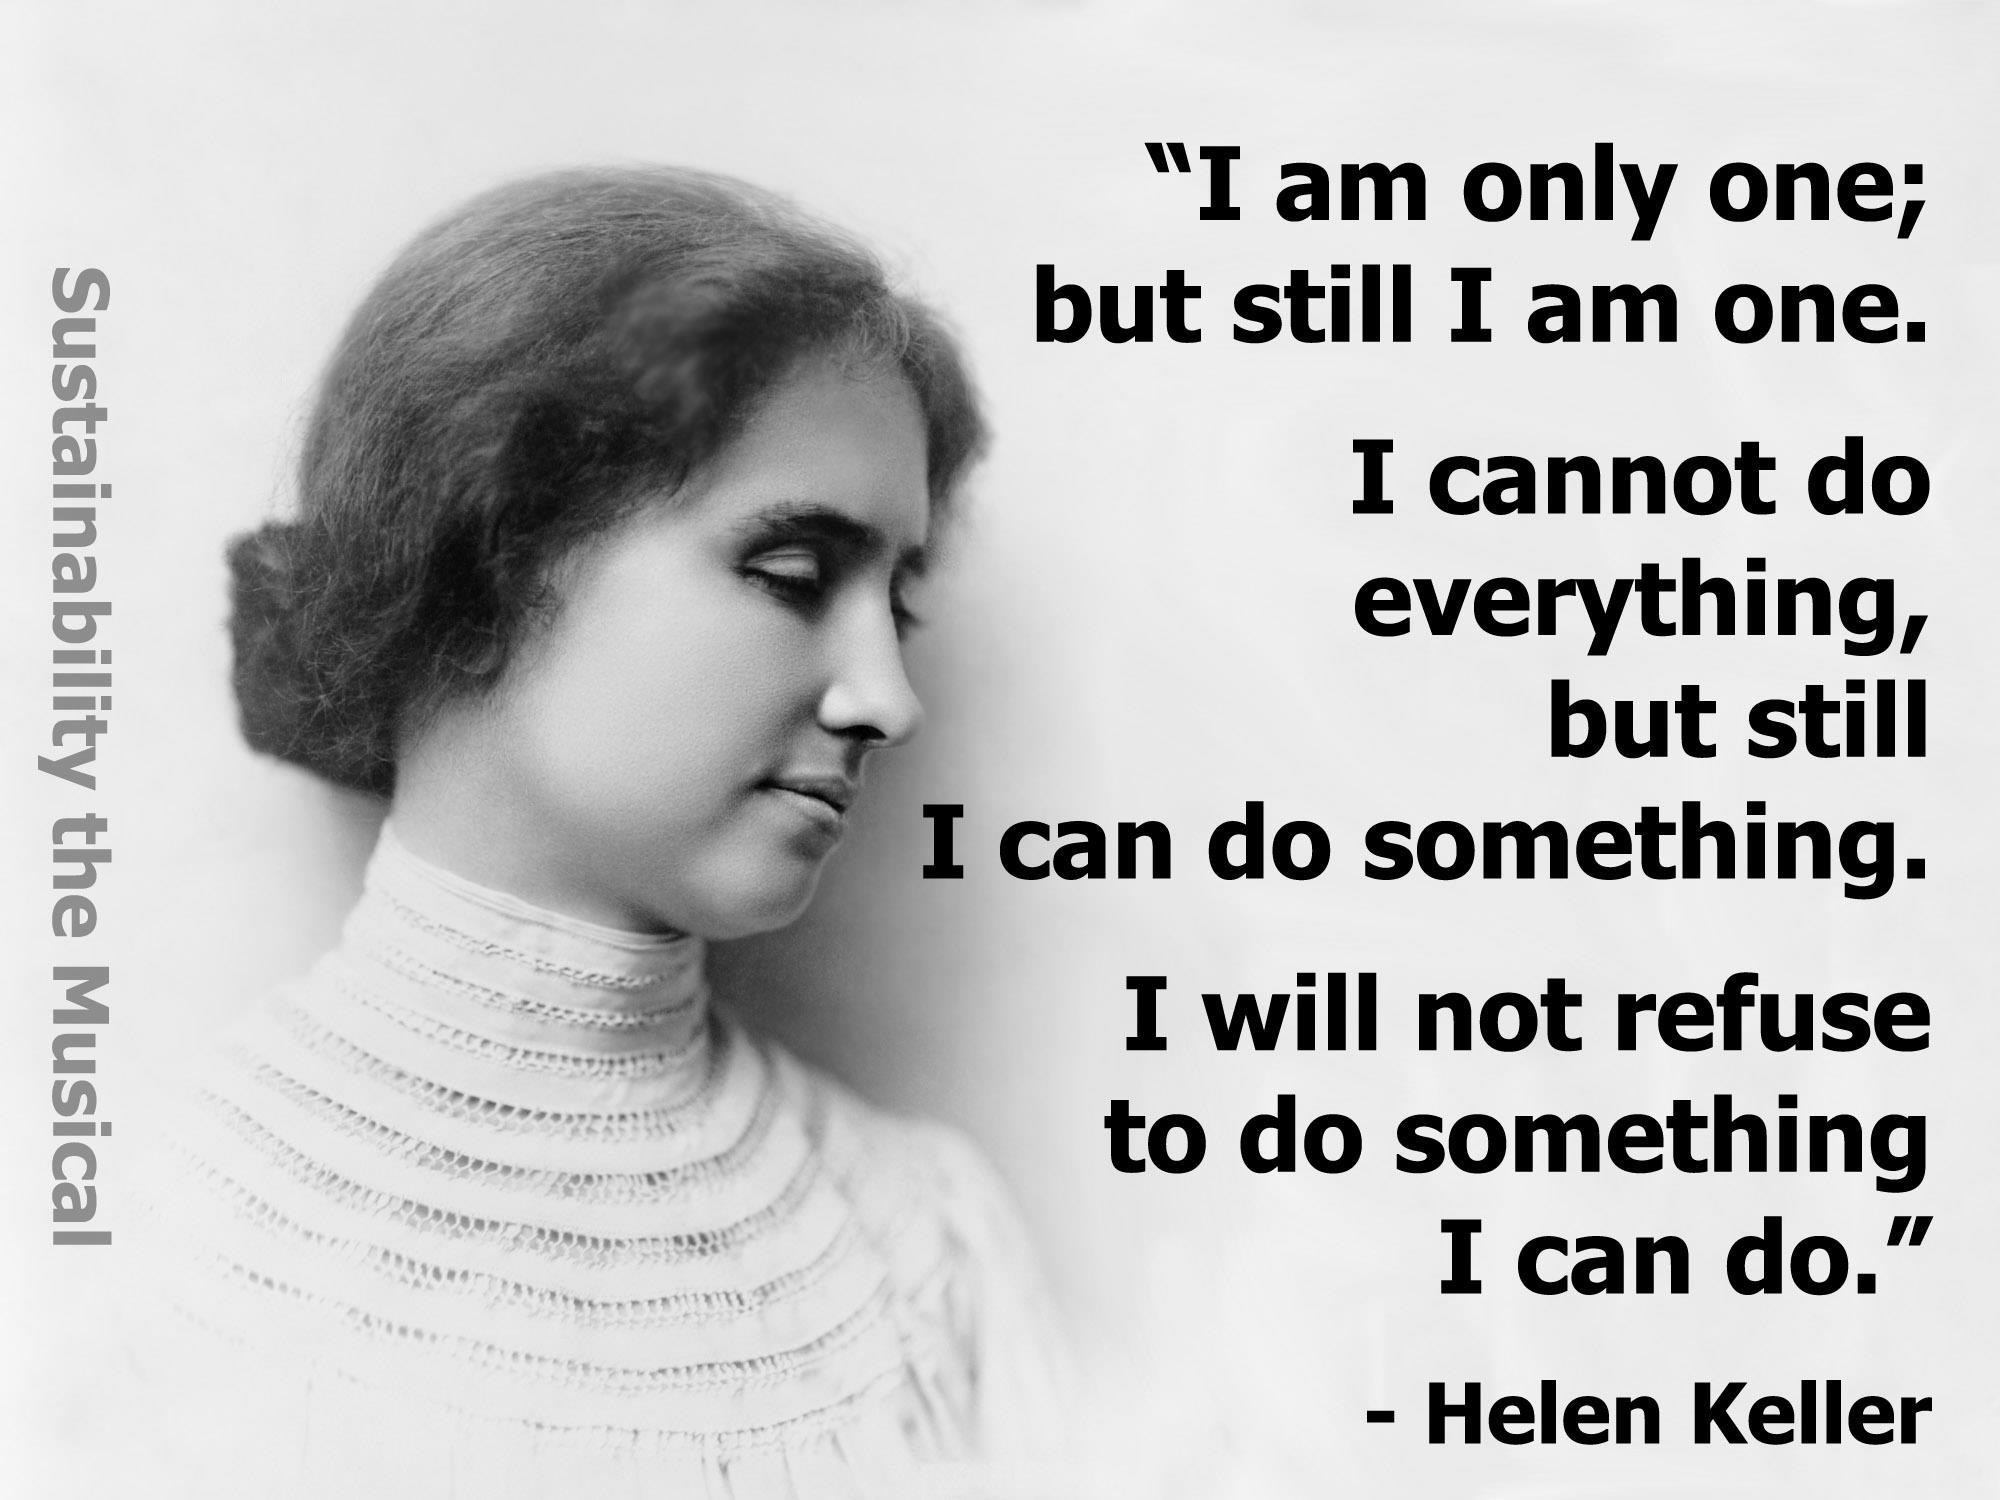 Helen Keller's quote #8